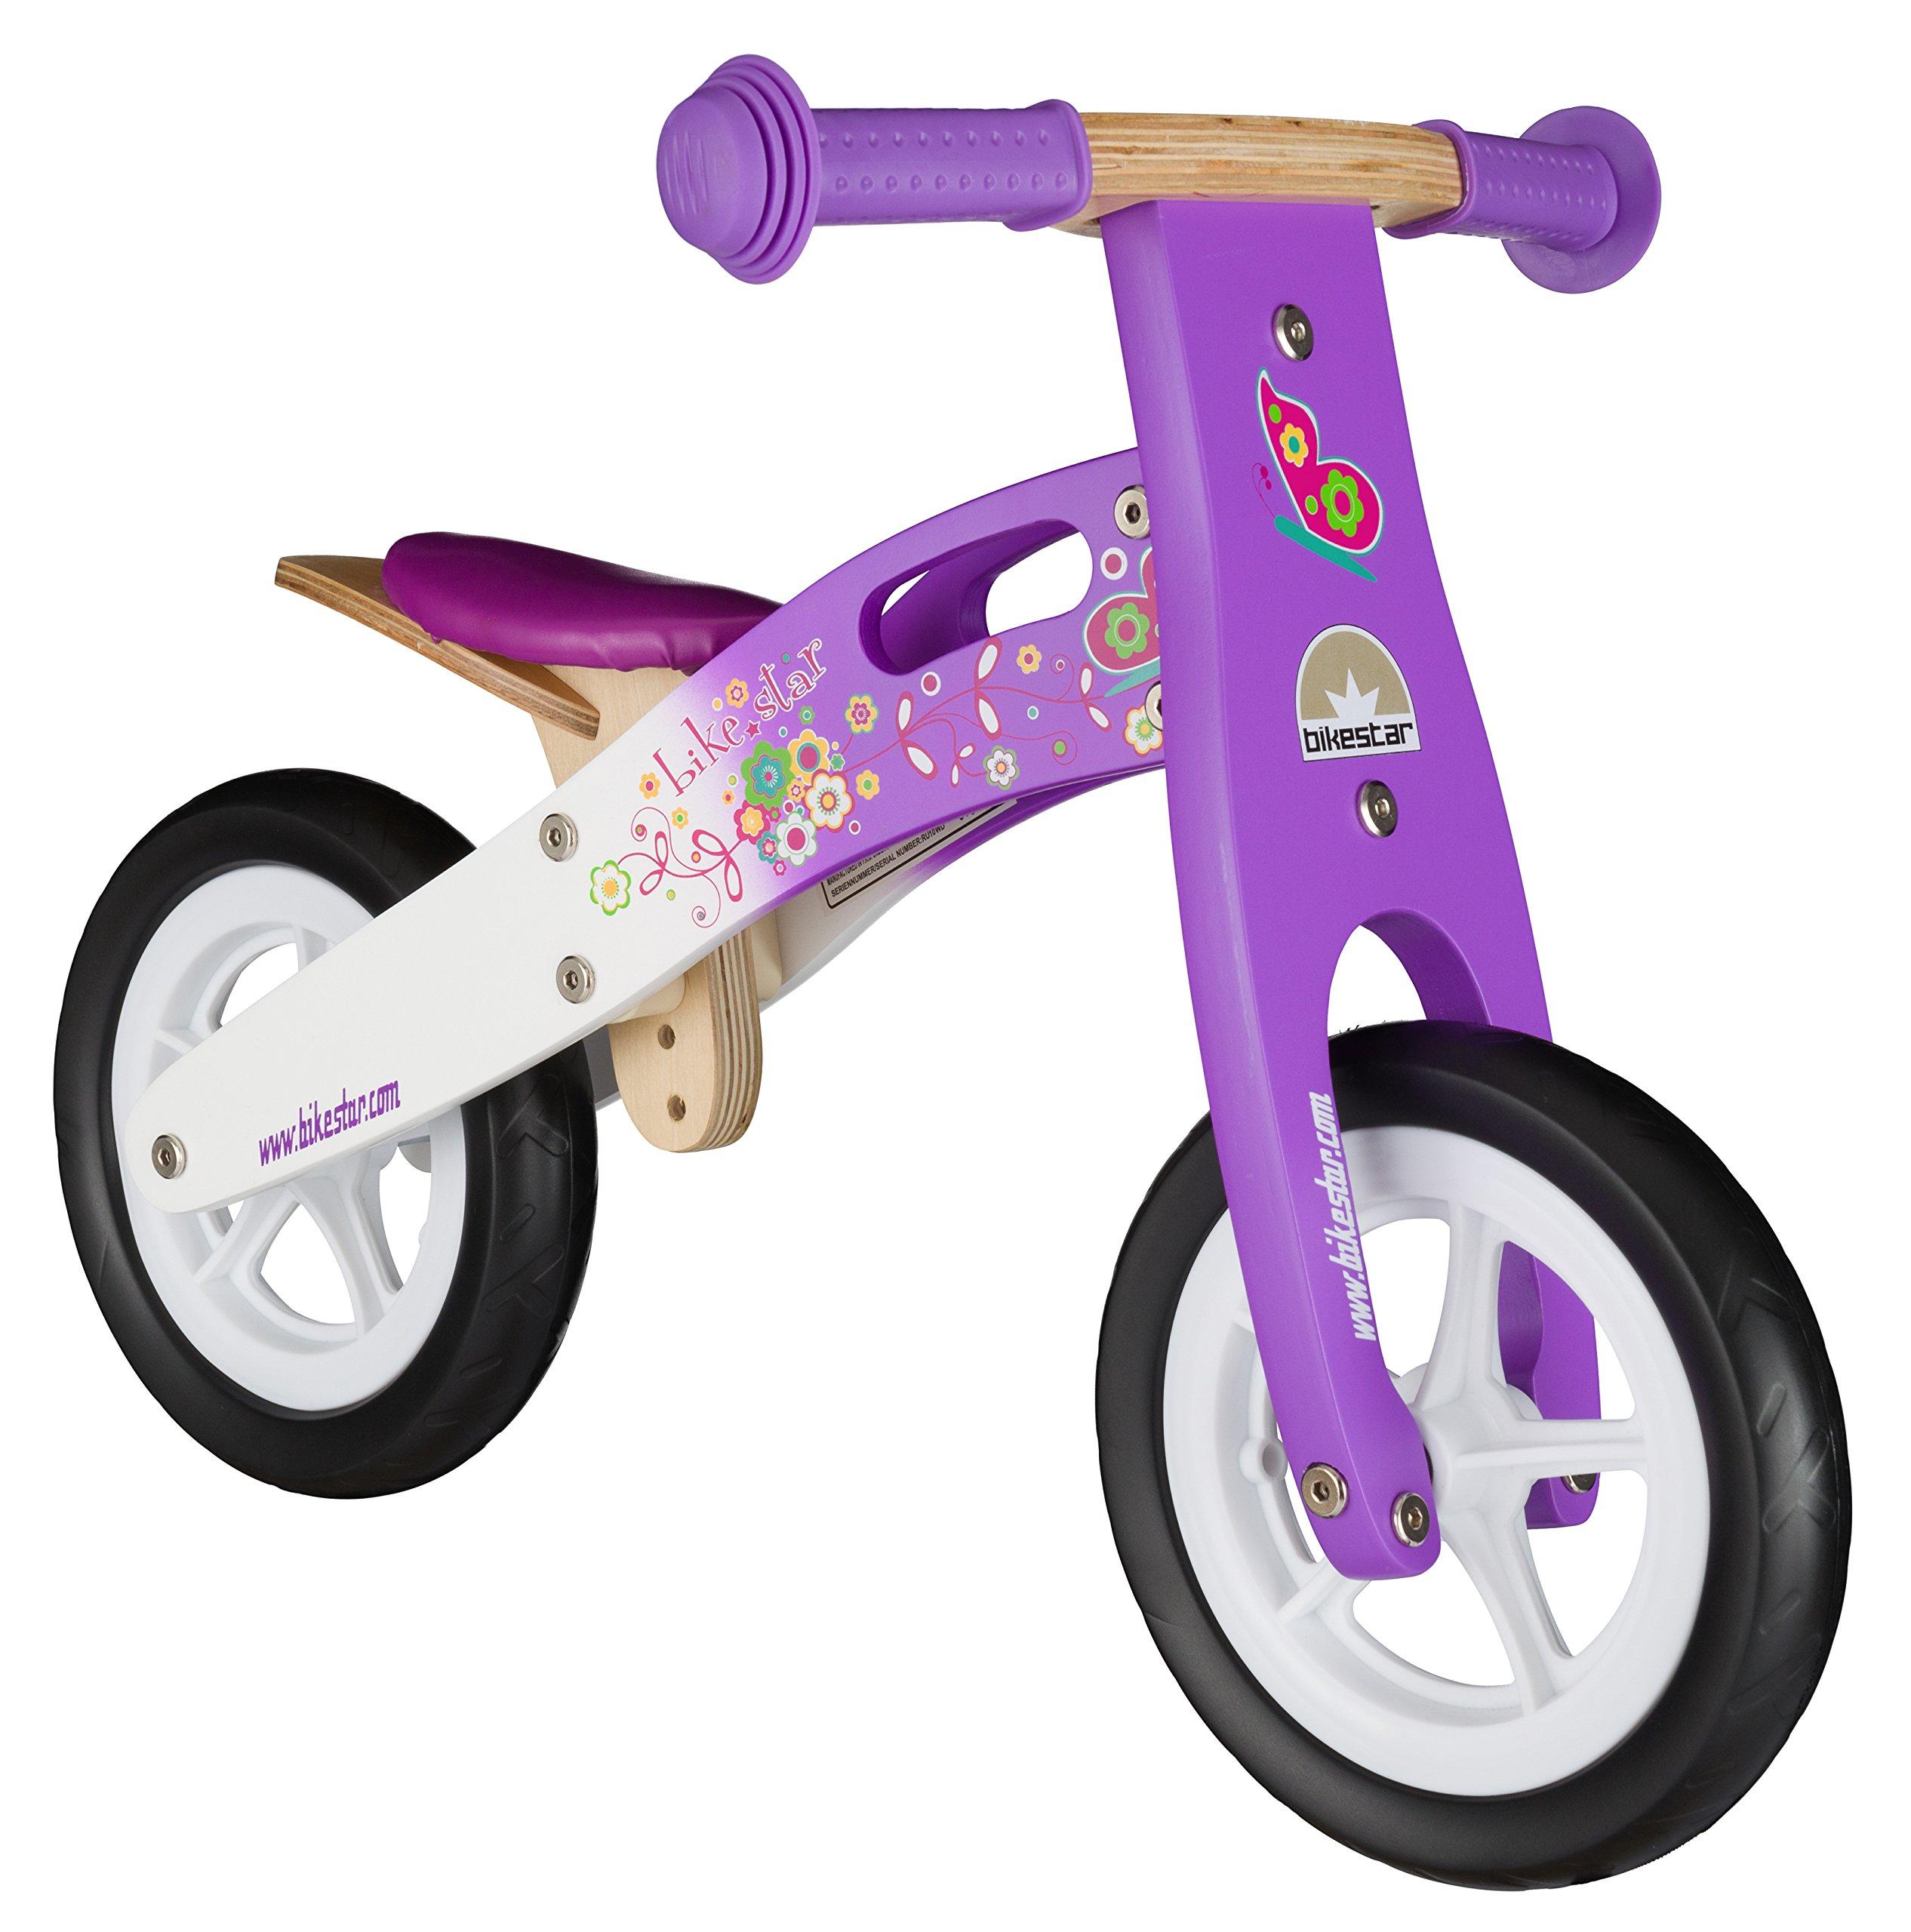 BIKESTAR Vélo Draisienne Enfants en Bois pour Garcons et Filles de 2-3 Ans ★ Vélo sans pédales évolutive 10 Pouces ★ product image